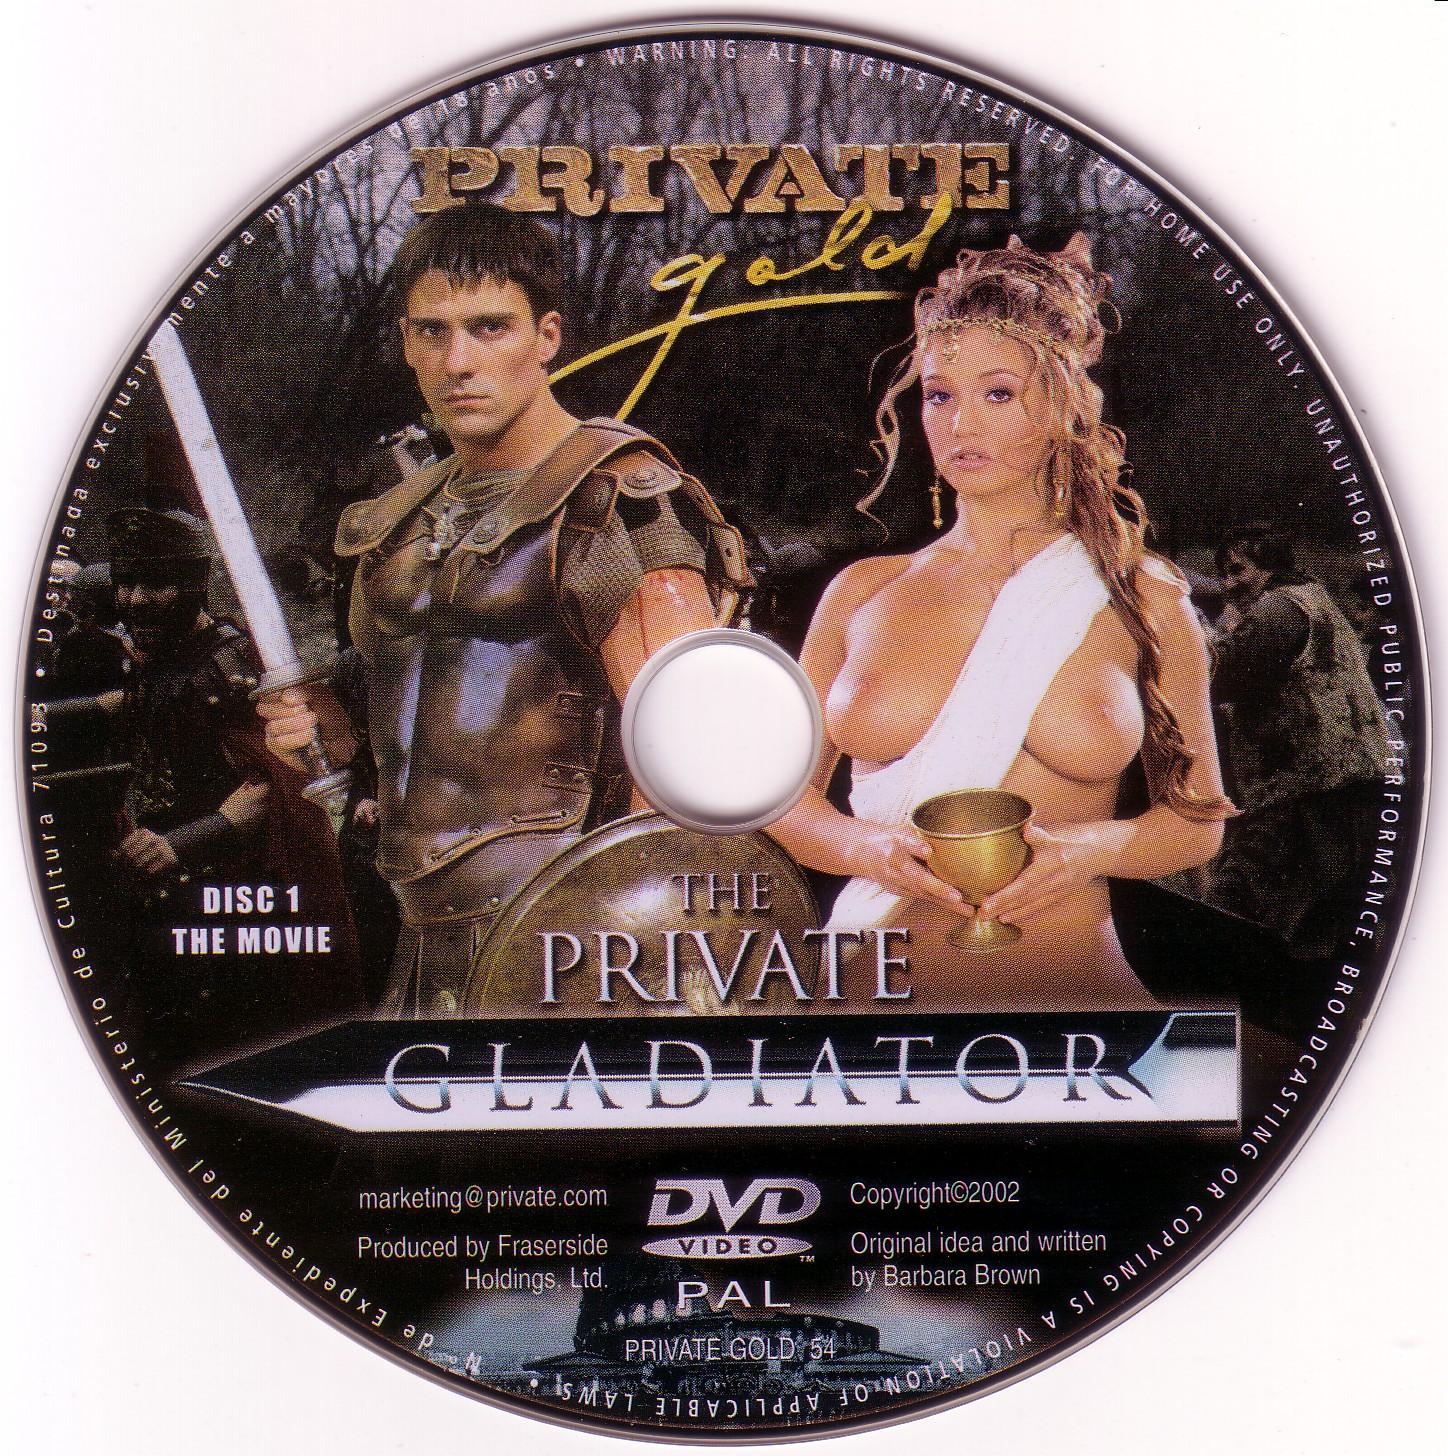 Privat gladiator скачать